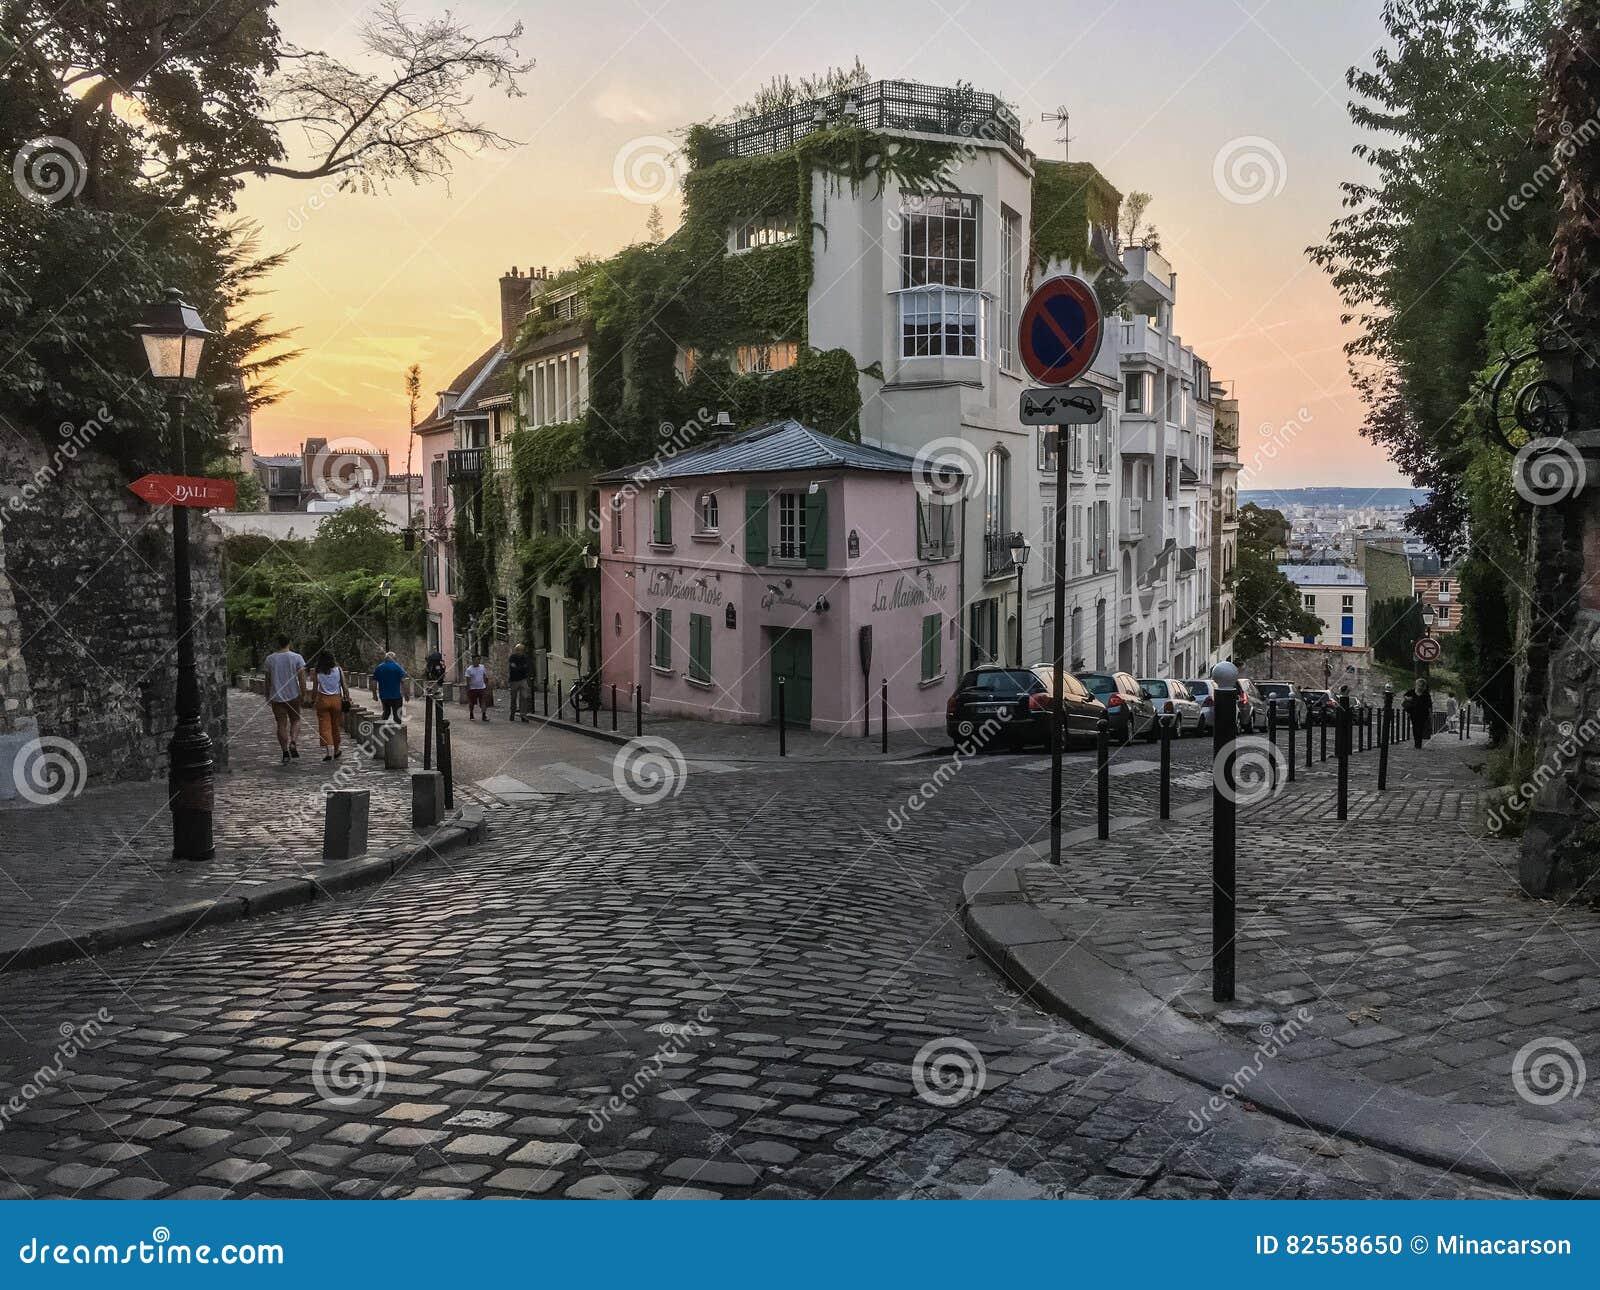 La maison rose at the corner of two streets on montmartre paris france at sunset editorial - La maison paris 17 ...